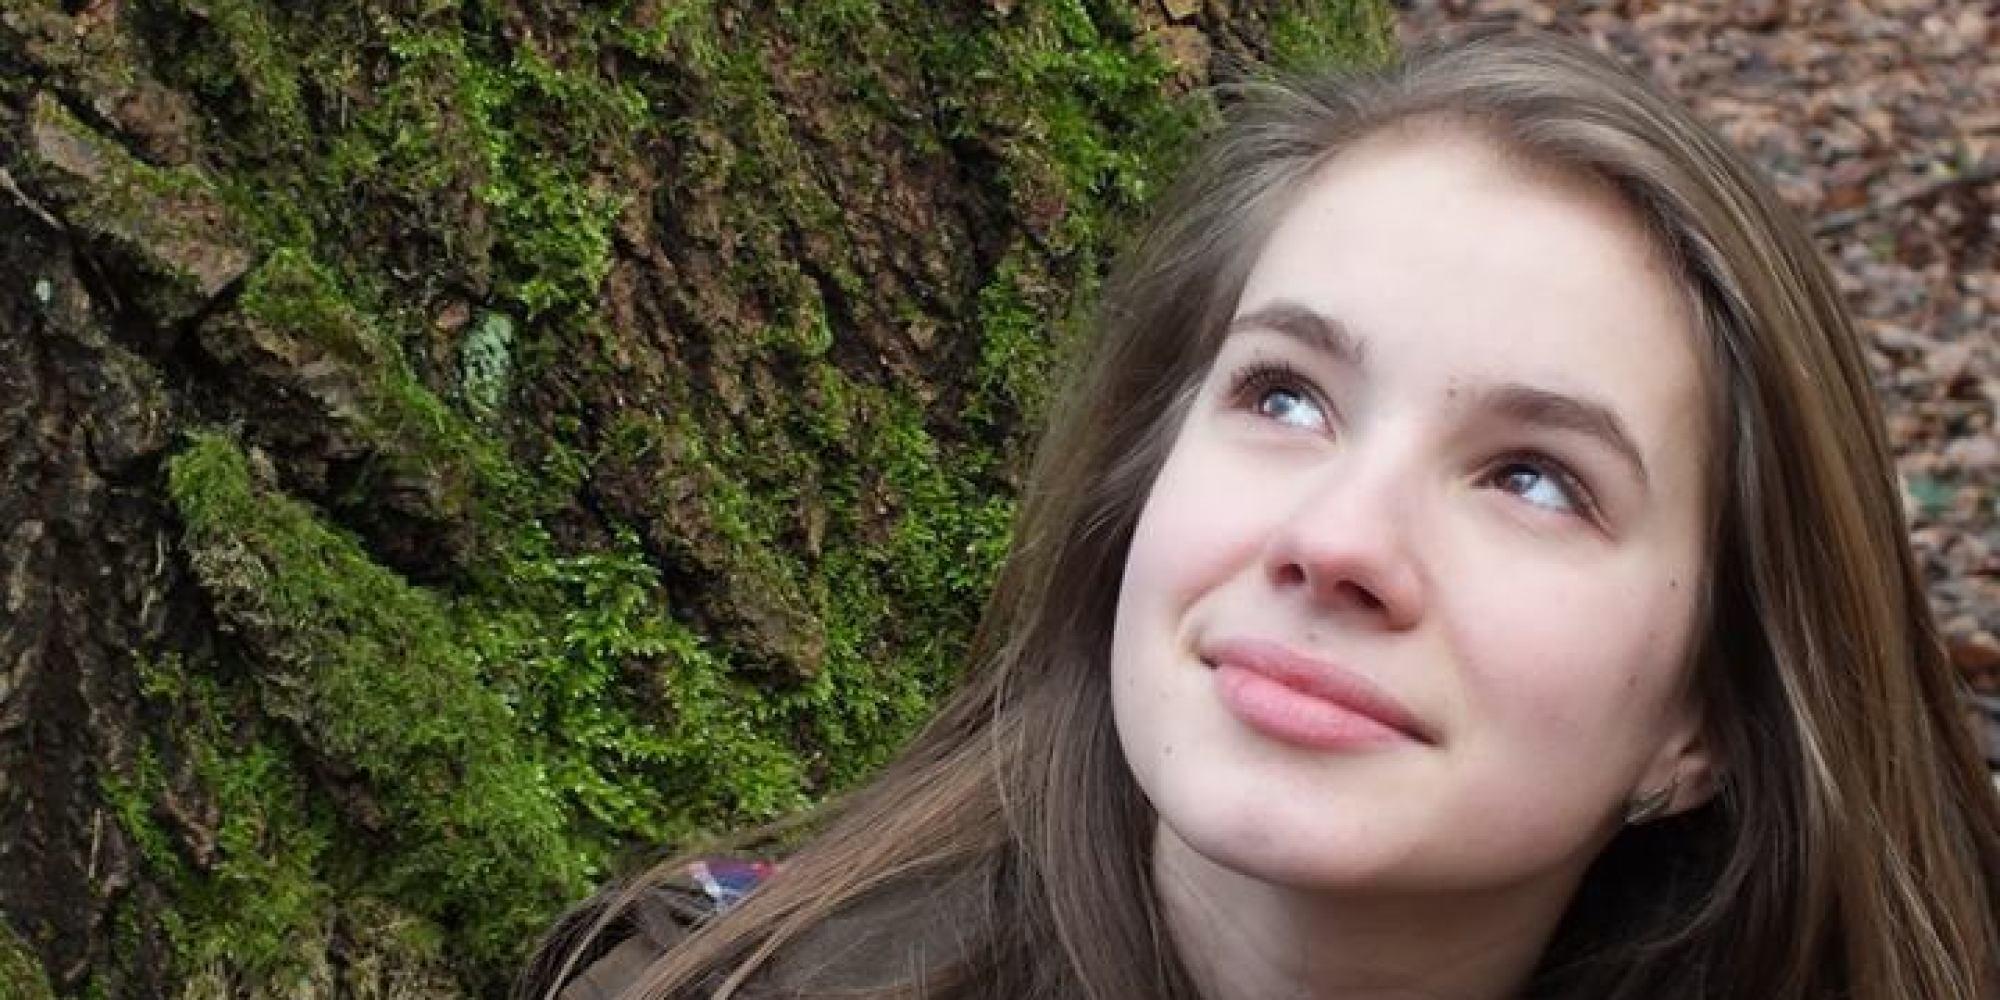 الاشتباه بأفغاني في اغتصاب فتاةٍ وقتلها يهزُّ ألمانيا.. وعائلتها تقول للنعاة الغاضبين: تبرَّعوا للاجئين بمال شراء الورد